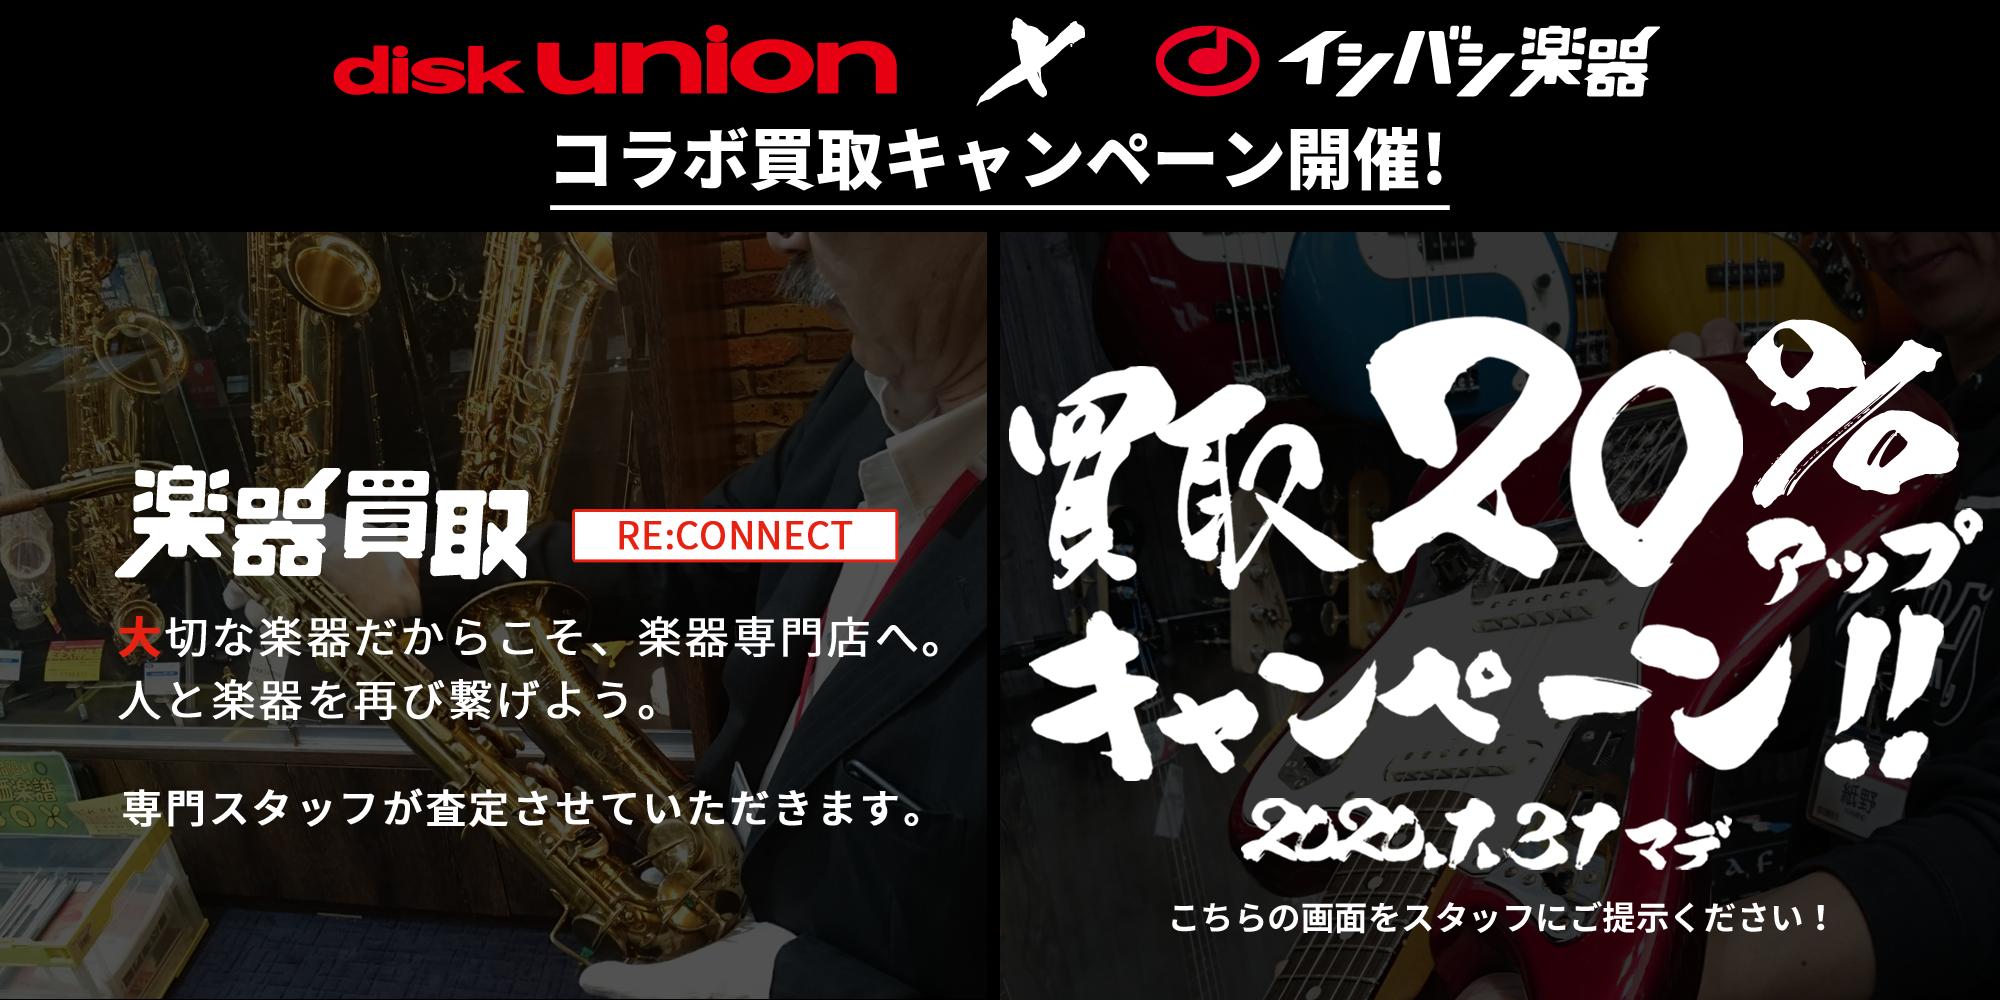 『イシバシ楽器』と『ディスクユニオン』がコラボキャンペーン開催! 楽器買取20%アップキャンペーン!